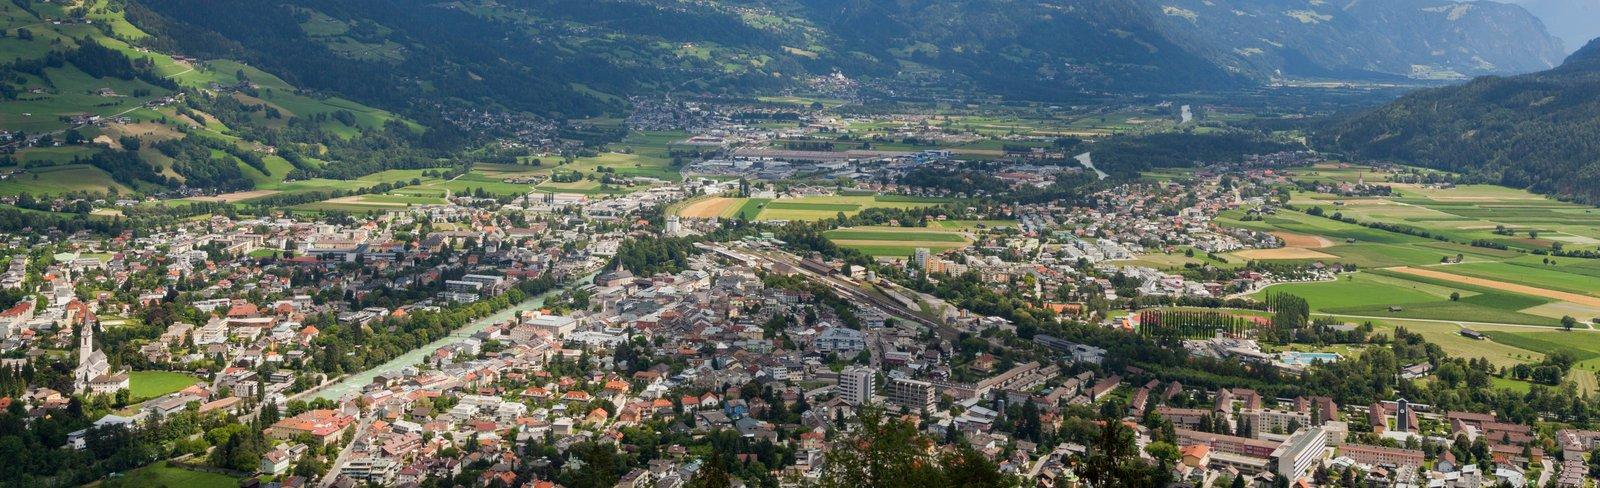 Luftaufnahme vom Talboden Lienz in Osttirol